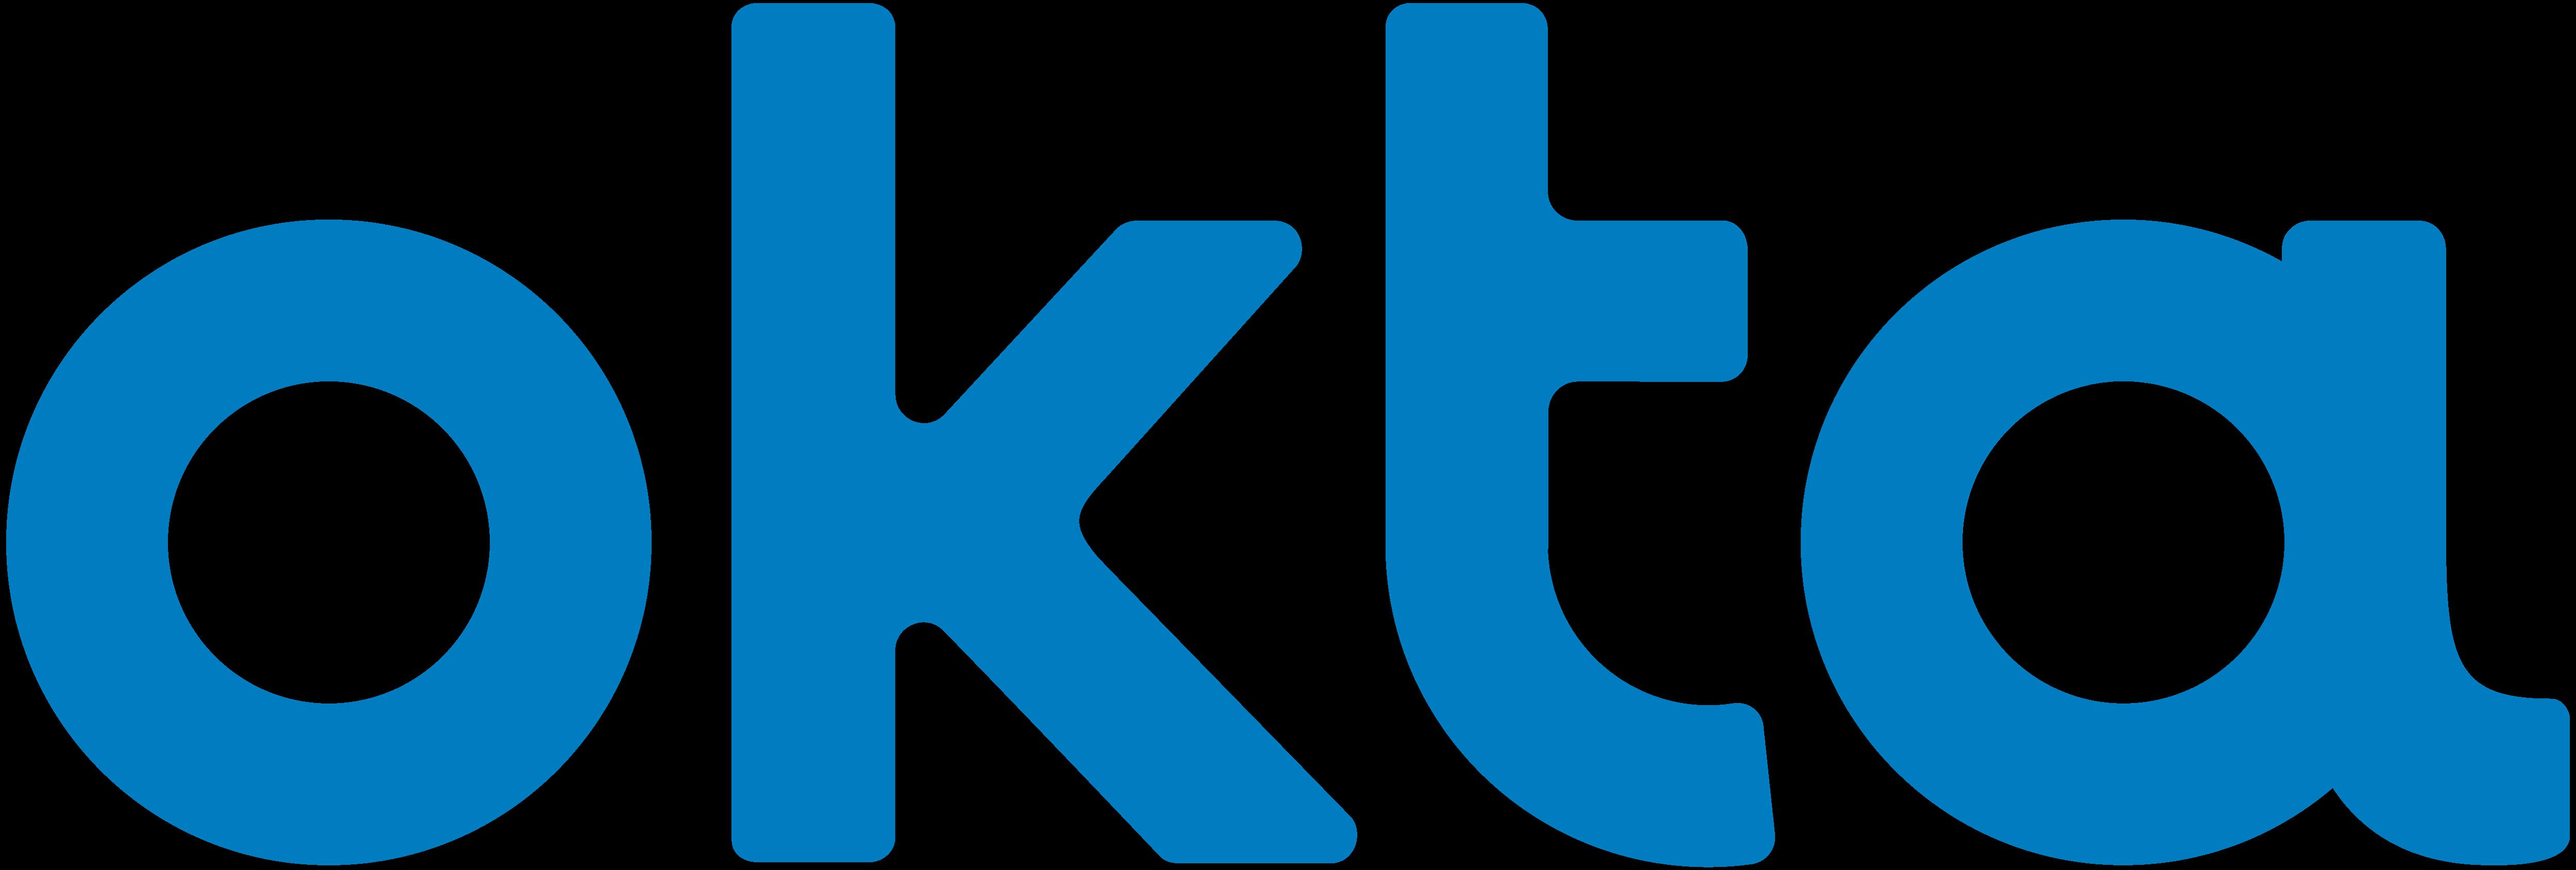 Logo do Okta